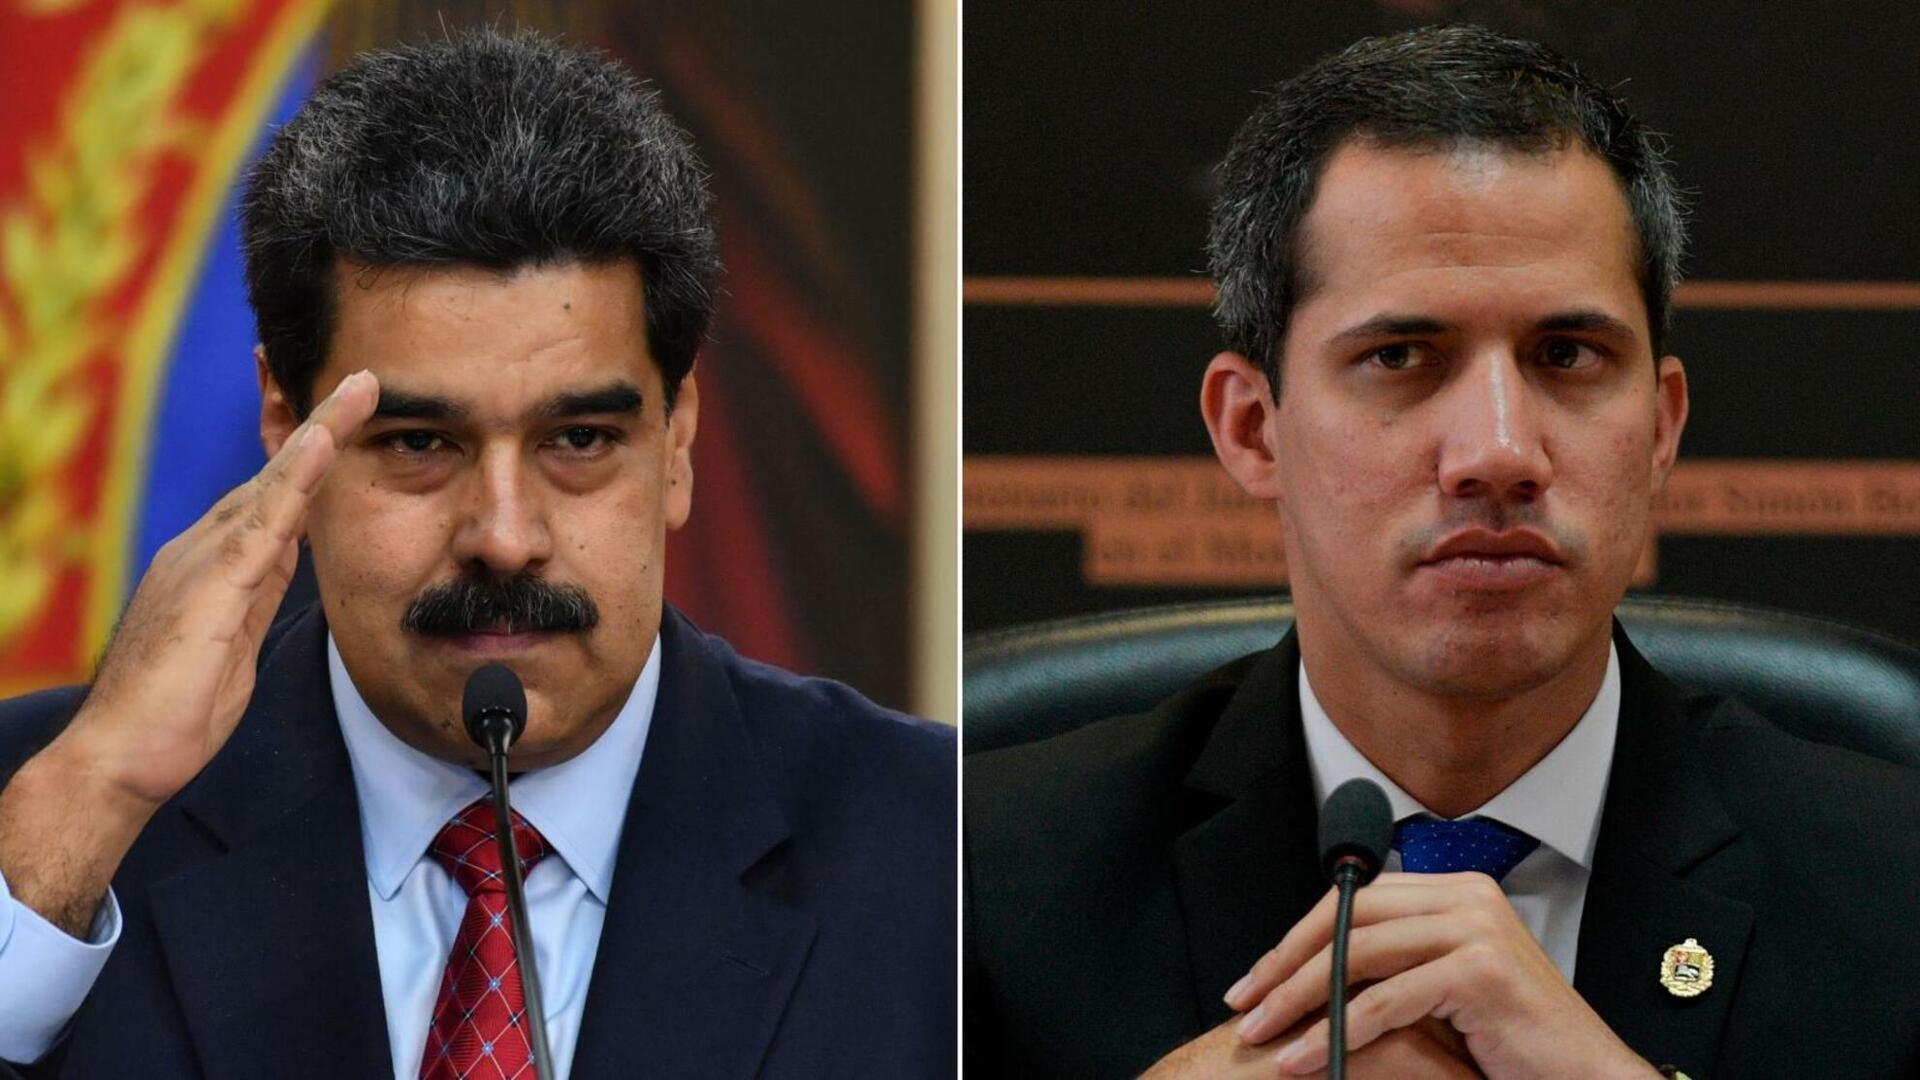 Fundación propone plan a Maduro y Guaidó para comprar vacunas contra covid-19